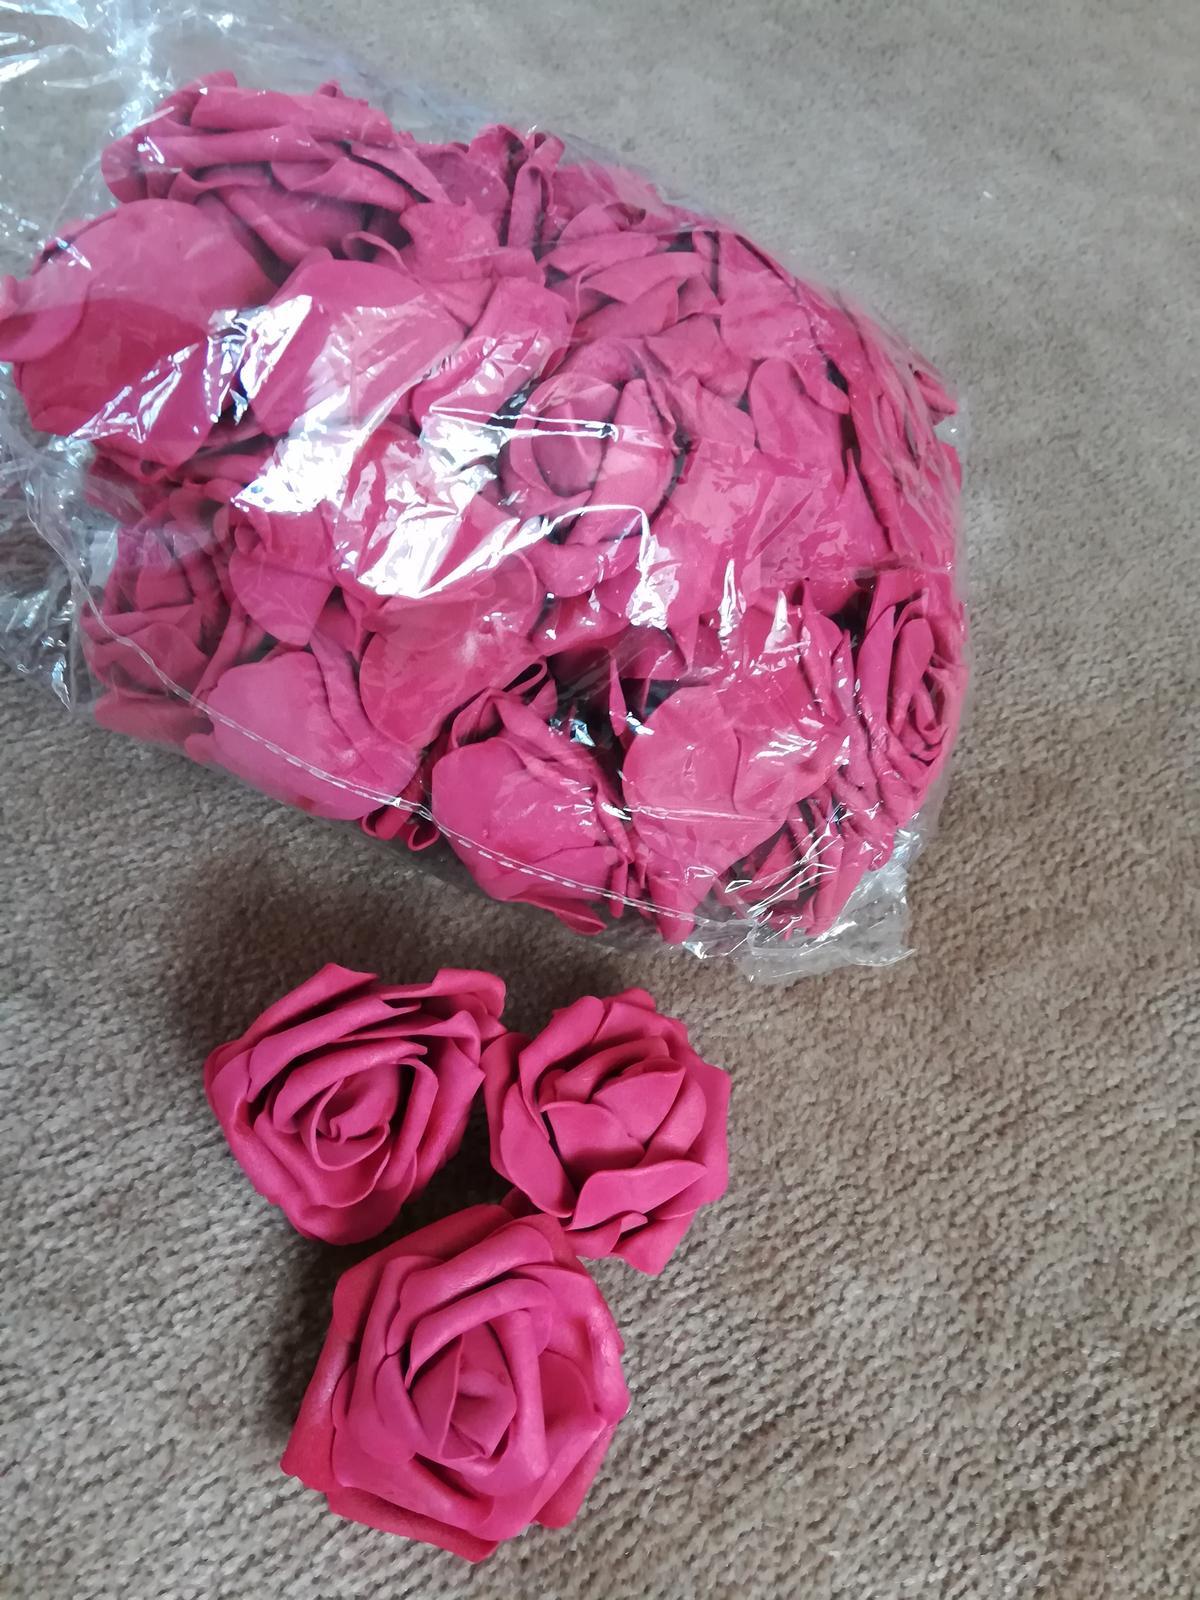 Penovy kvet ruze - vinova 50 Ks - Obrázek č. 1